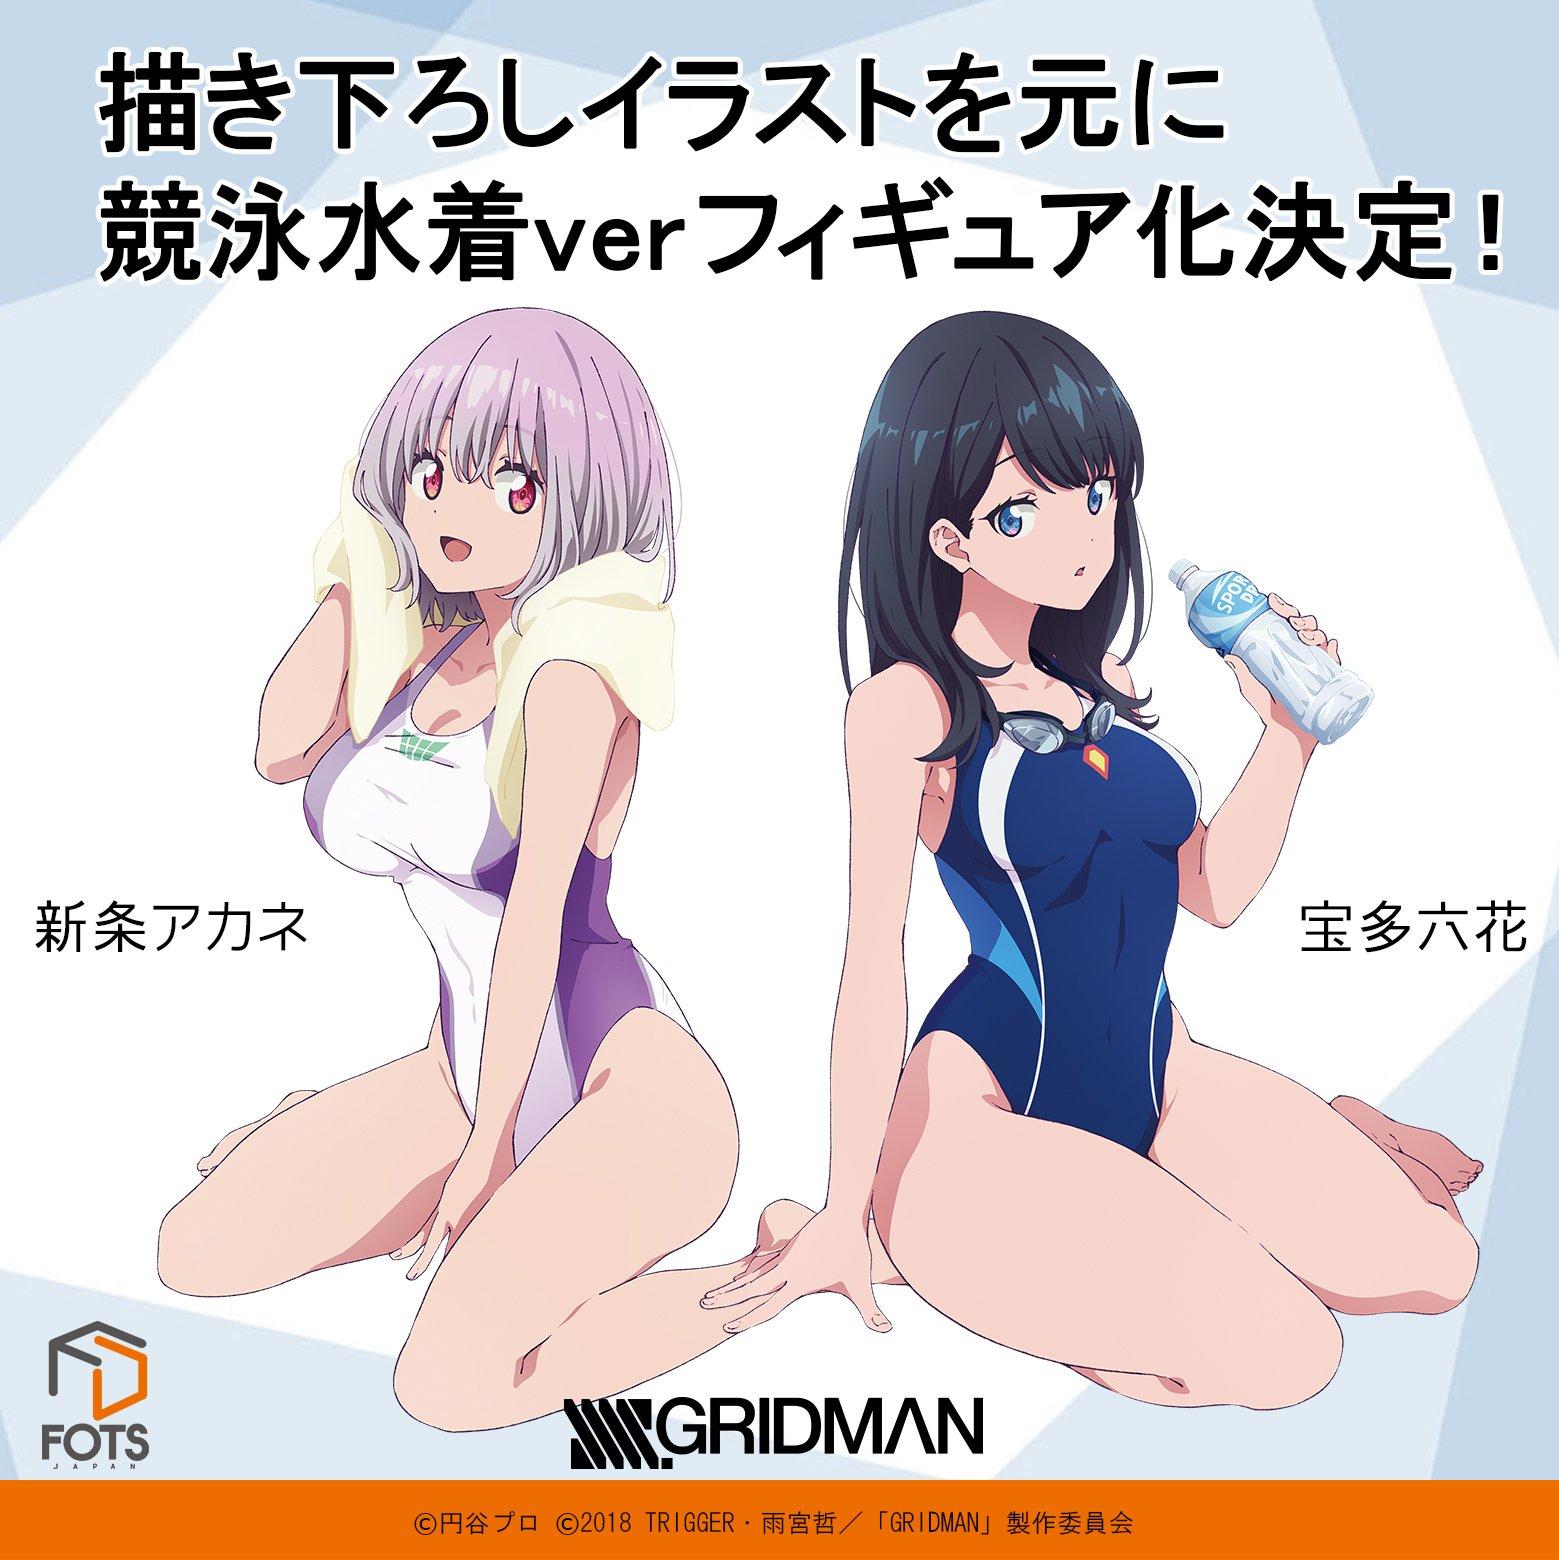 グリッドマン『宝多六花 競泳水着ver』SSSS.GRIDMAN 1/7 完成品フィギュア-013